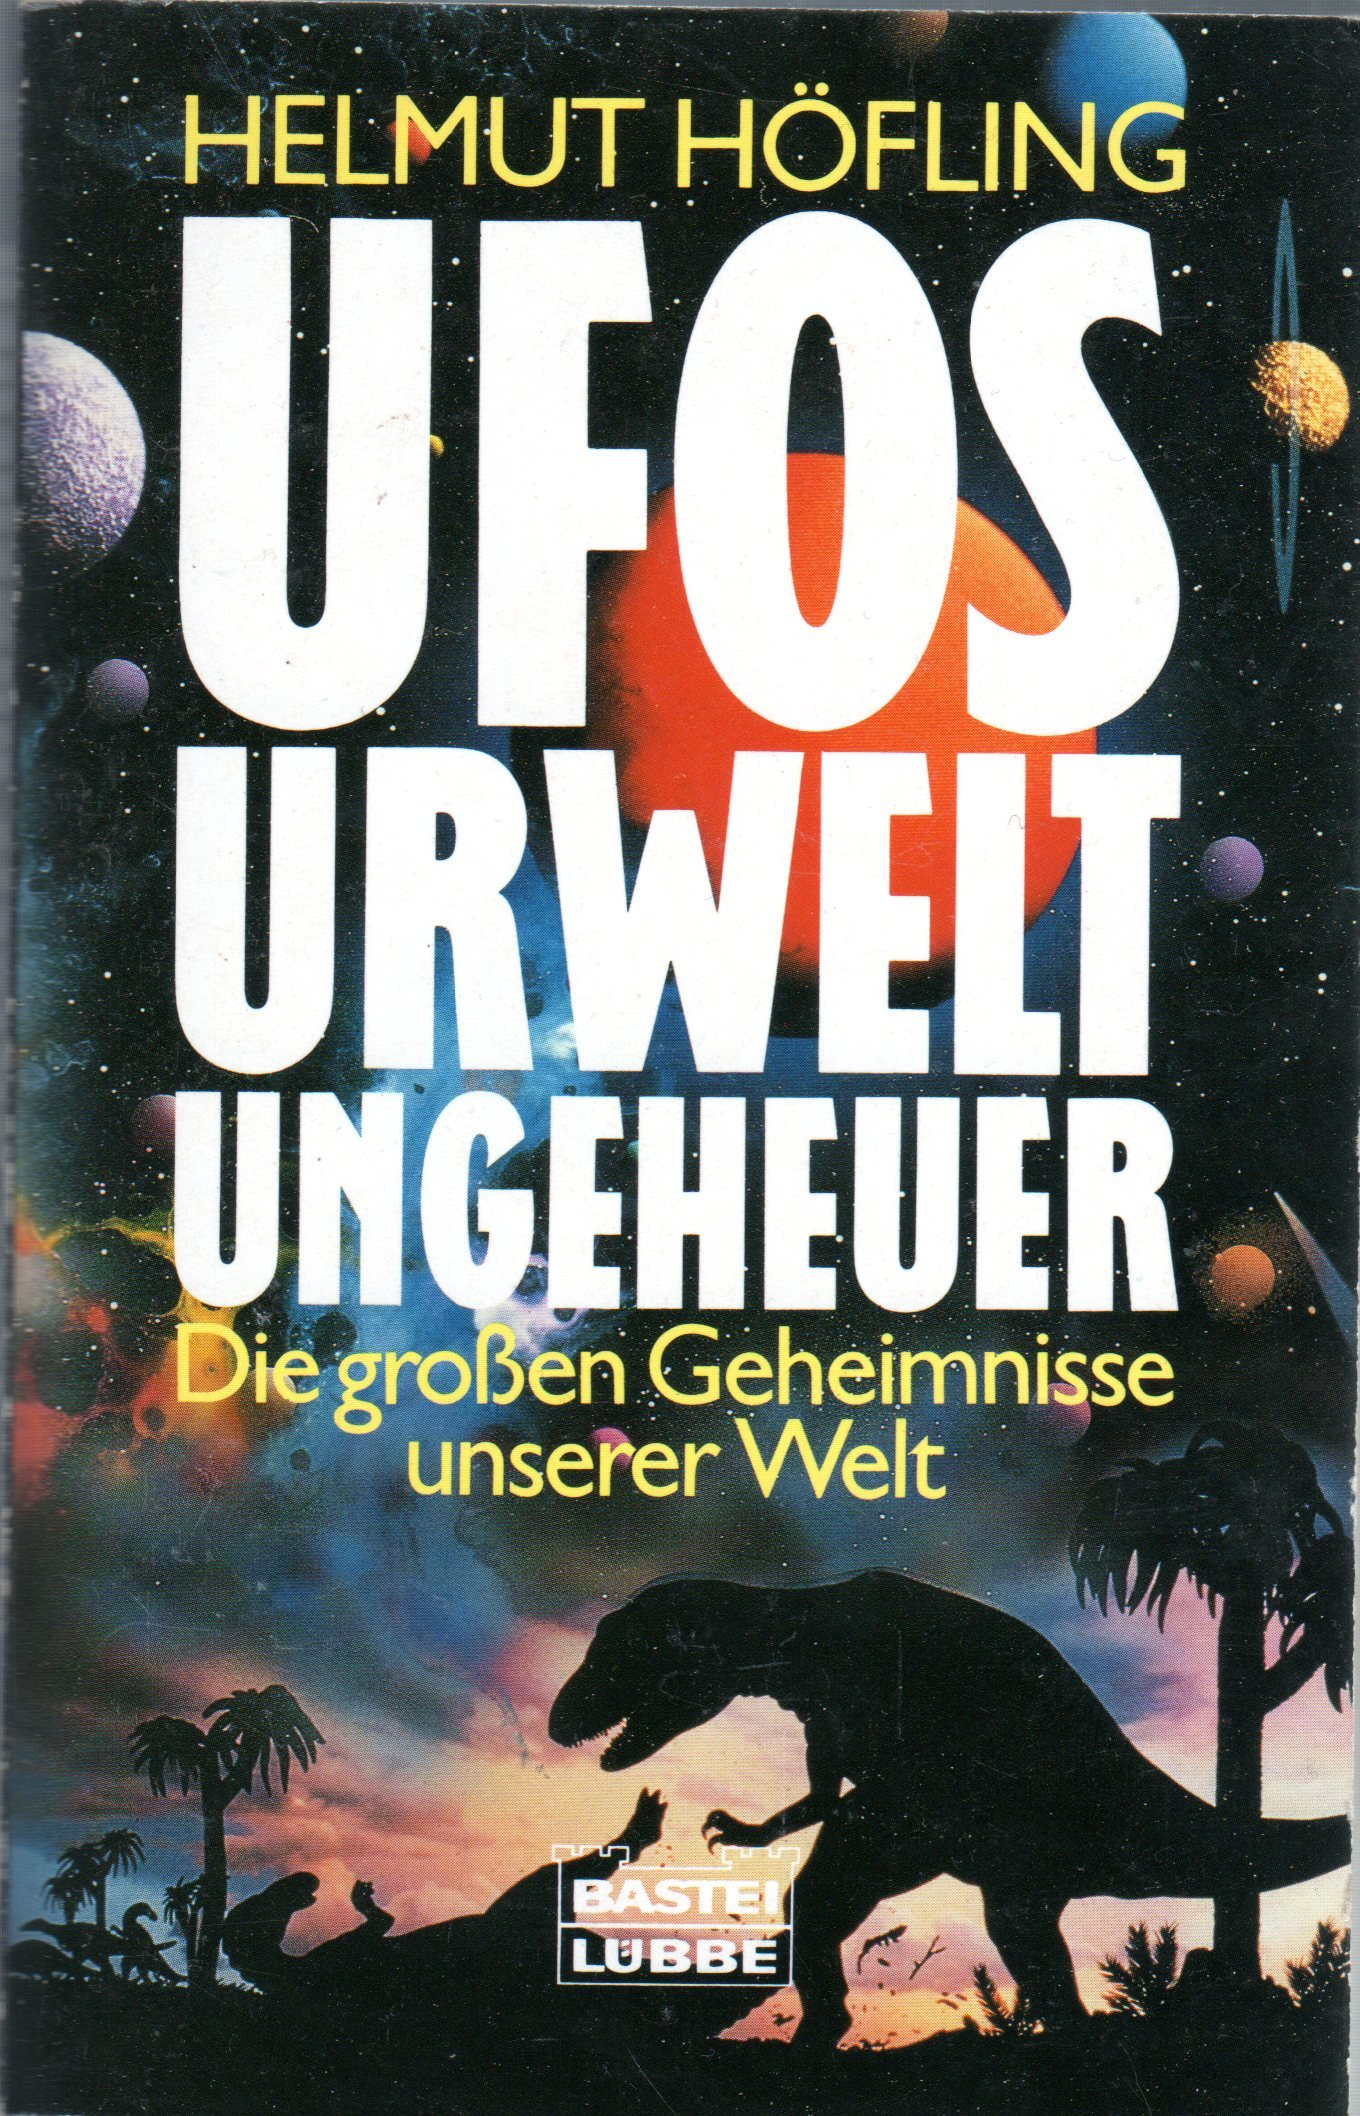 Ufos, Urwelt, Ungeheuer